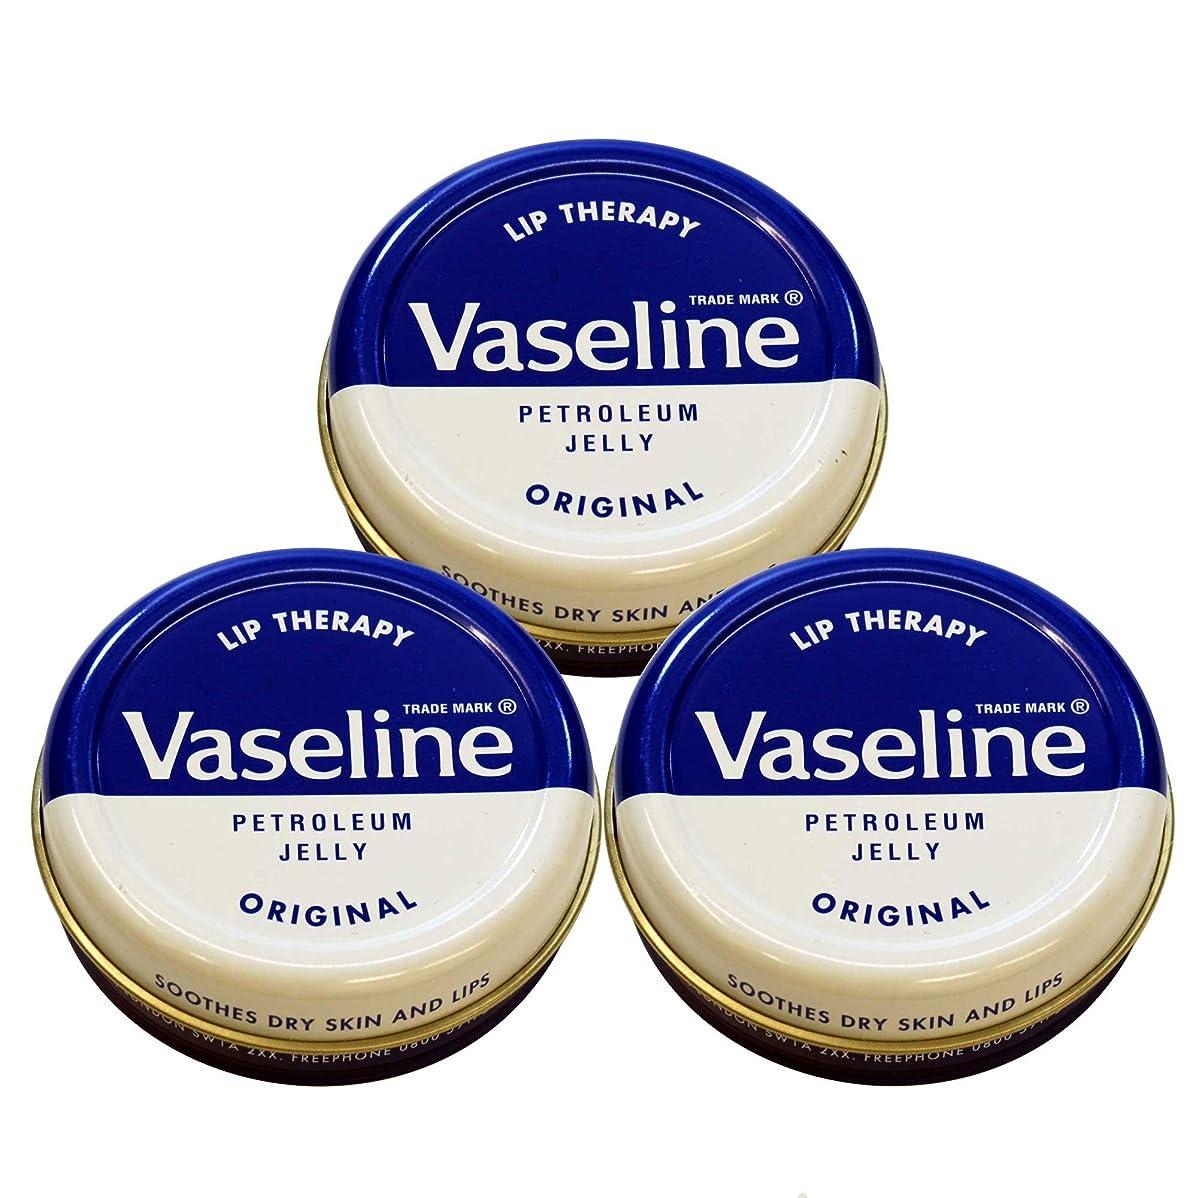 必要とするスペイン語潜むVaseline Lip Therapy <ヴァセリン リップセラピー> 20g Original <オリジナル> 3個セット / 3pcs set  【並行輸入品】【海外直送品】